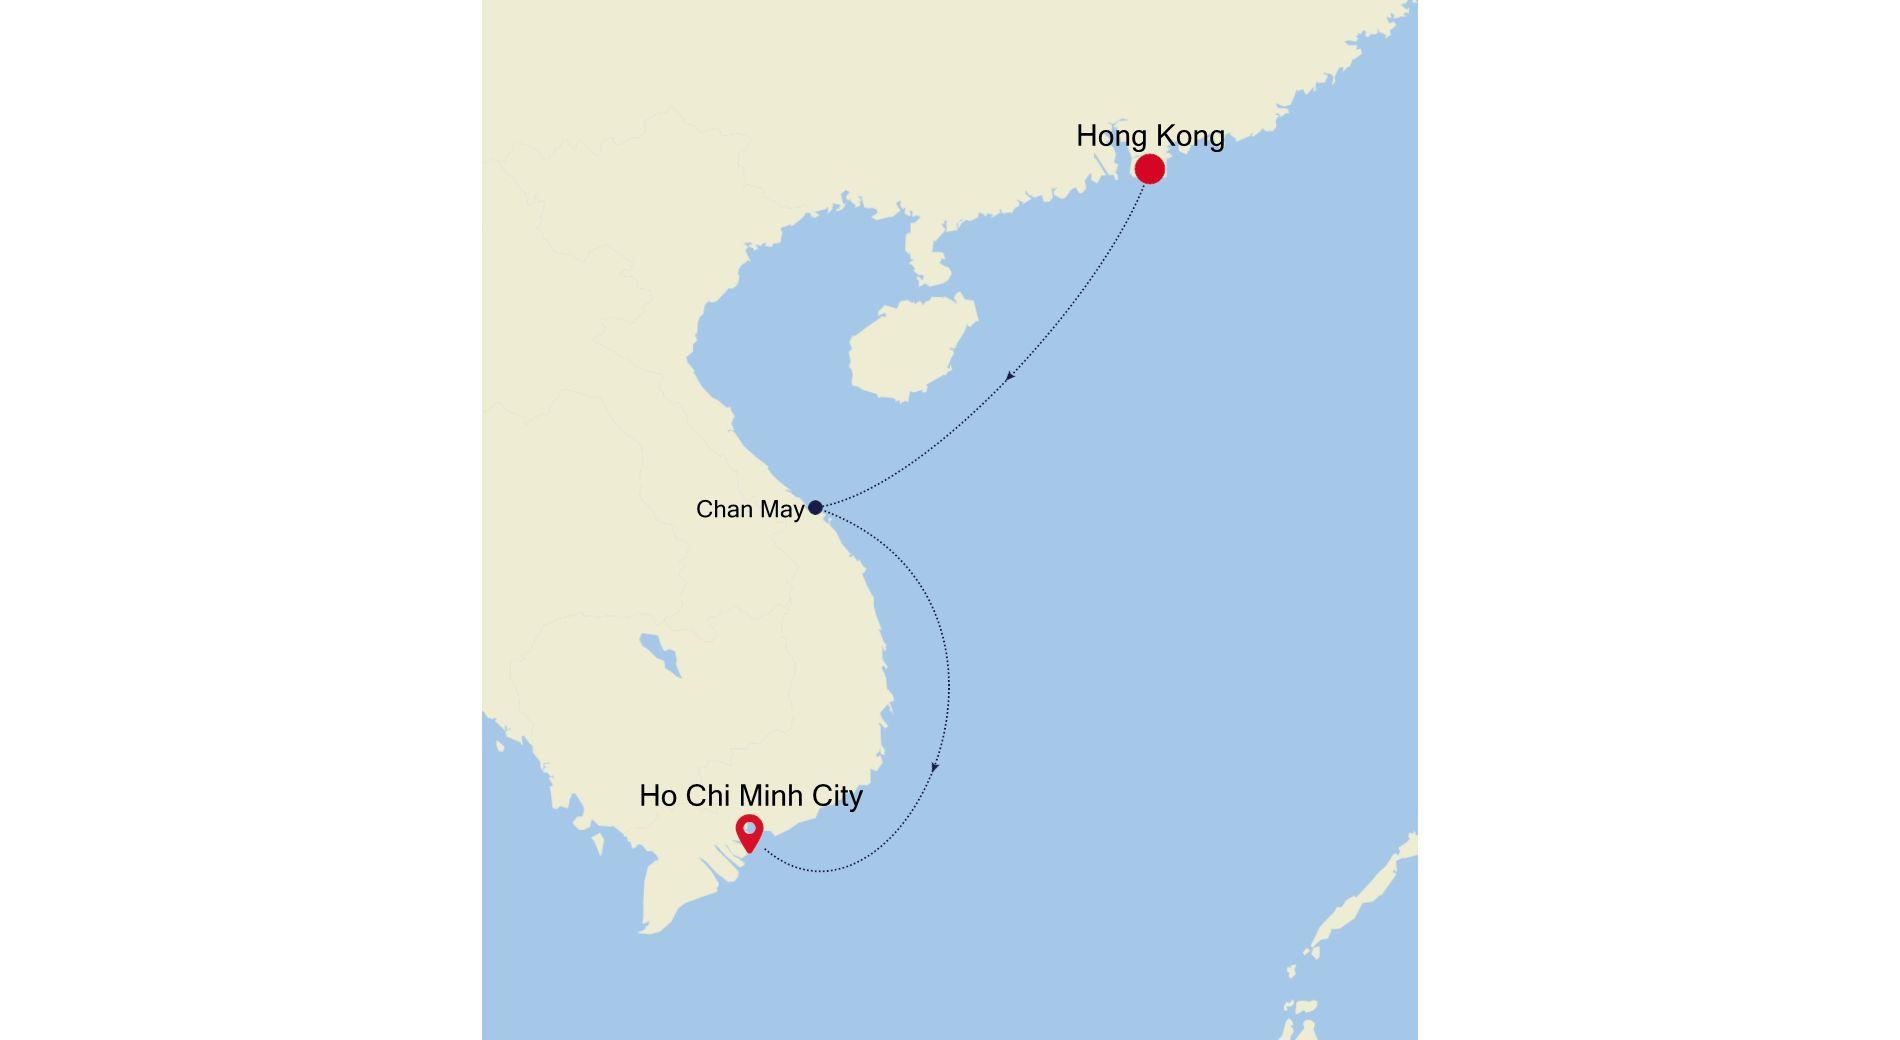 3906B - Hong Kong à Ho Chi Minh City